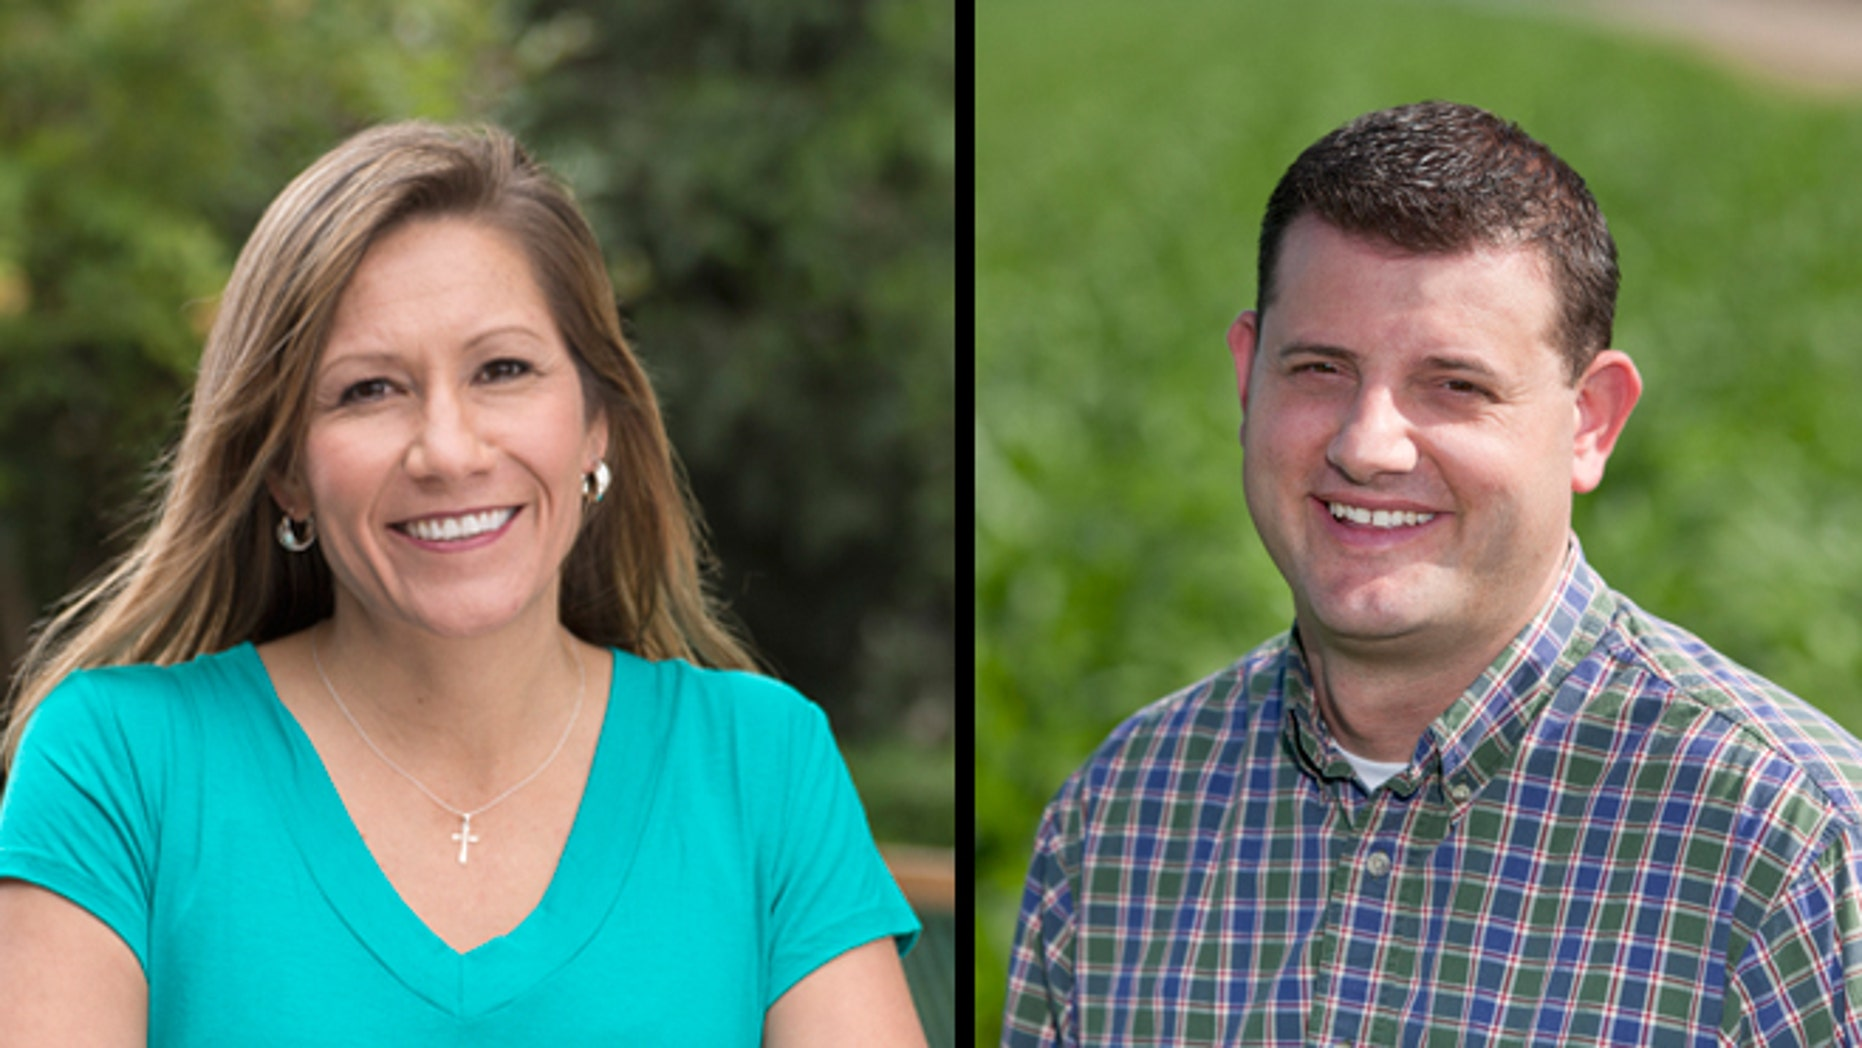 Amanda Renteria, left, and David Valadao. (Photos: Via campaign websites)